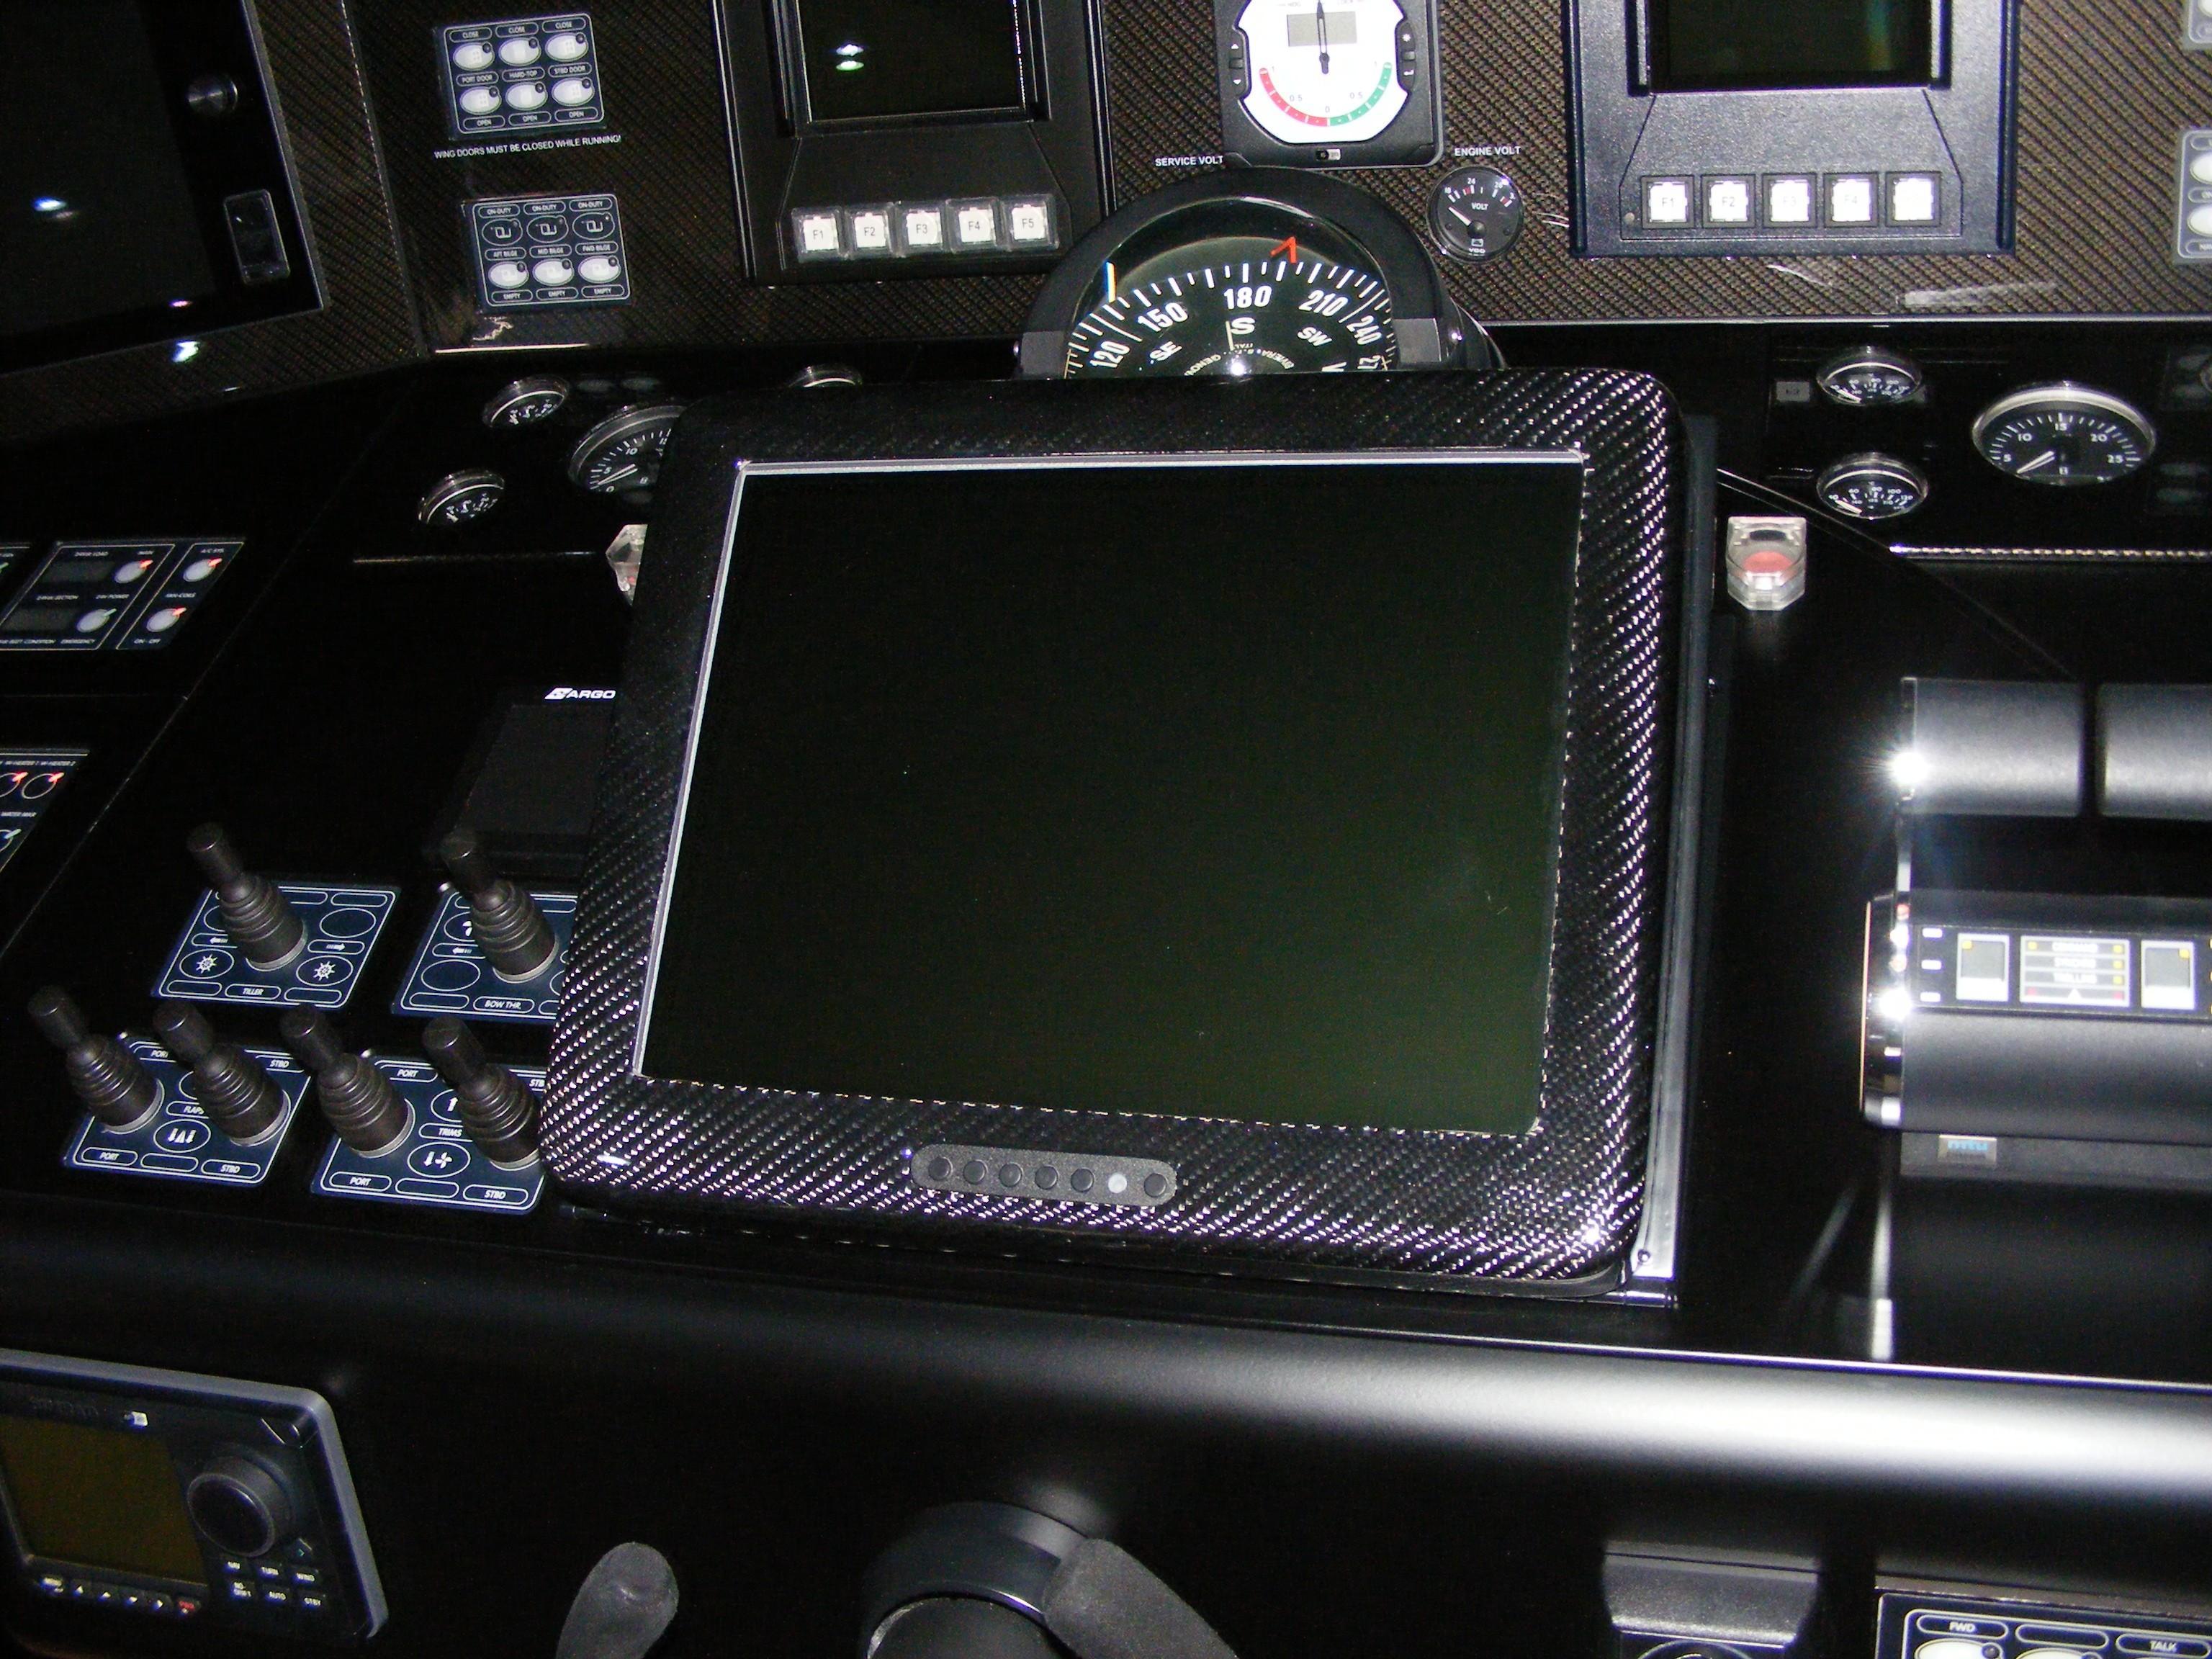 2002 Pershing 88 - Dash